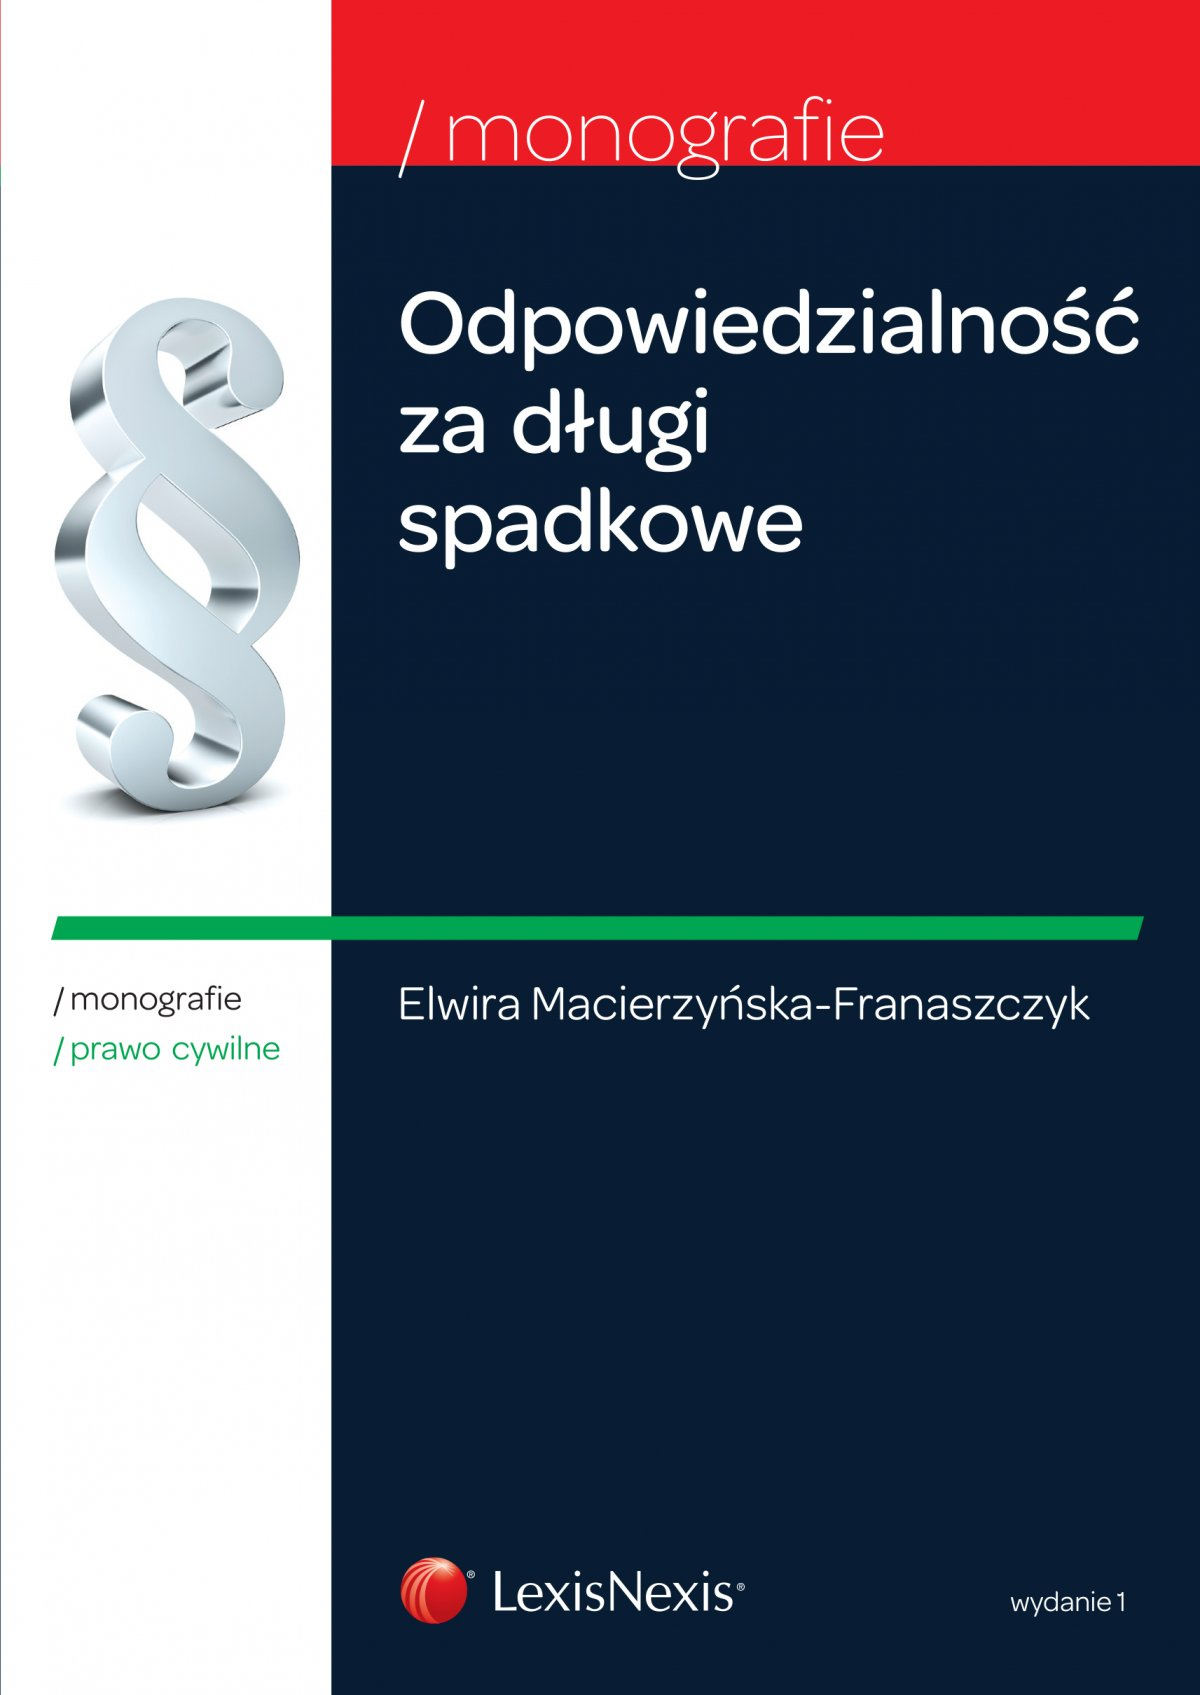 Odpowiedzialność za długi spadkowe. Wydanie 1 - Ebook (Książka EPUB) do pobrania w formacie EPUB